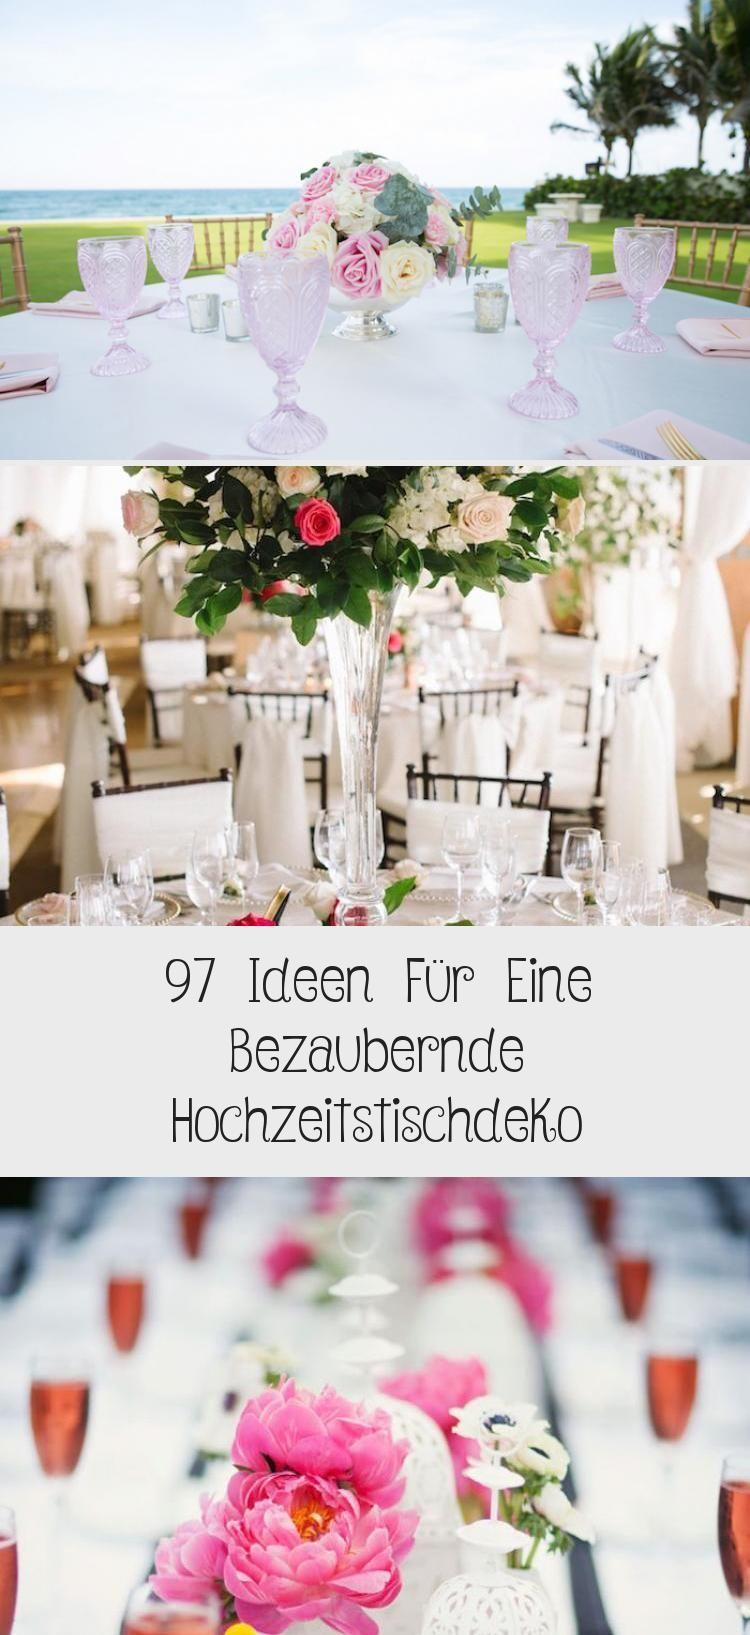 Blumengestecke Hochzeit Tischnummer Weisse Tischdecke Holzscheibe Garten Sommer Heiraten Dekorationsommerschaufenster Dekorati In 2020 Table Decorations Decor Primula